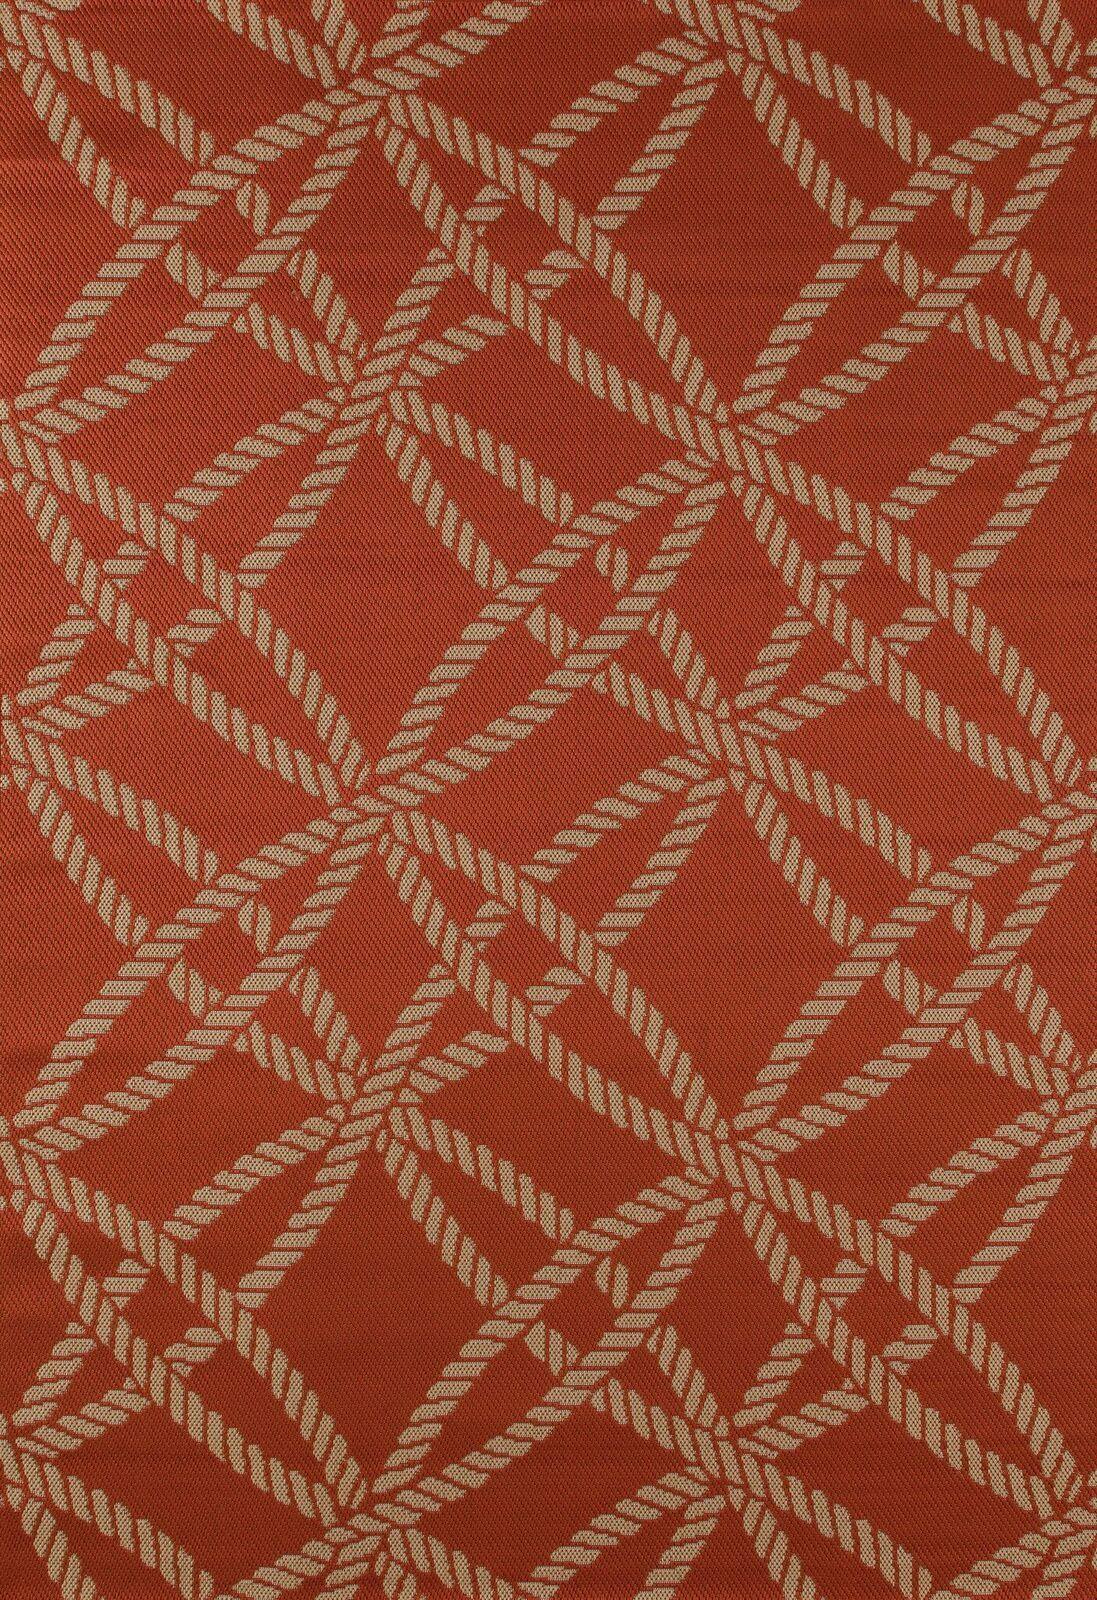 Criner Red Indoor/Outdoor Area Rug Rug Size: 5'3 x 7'7